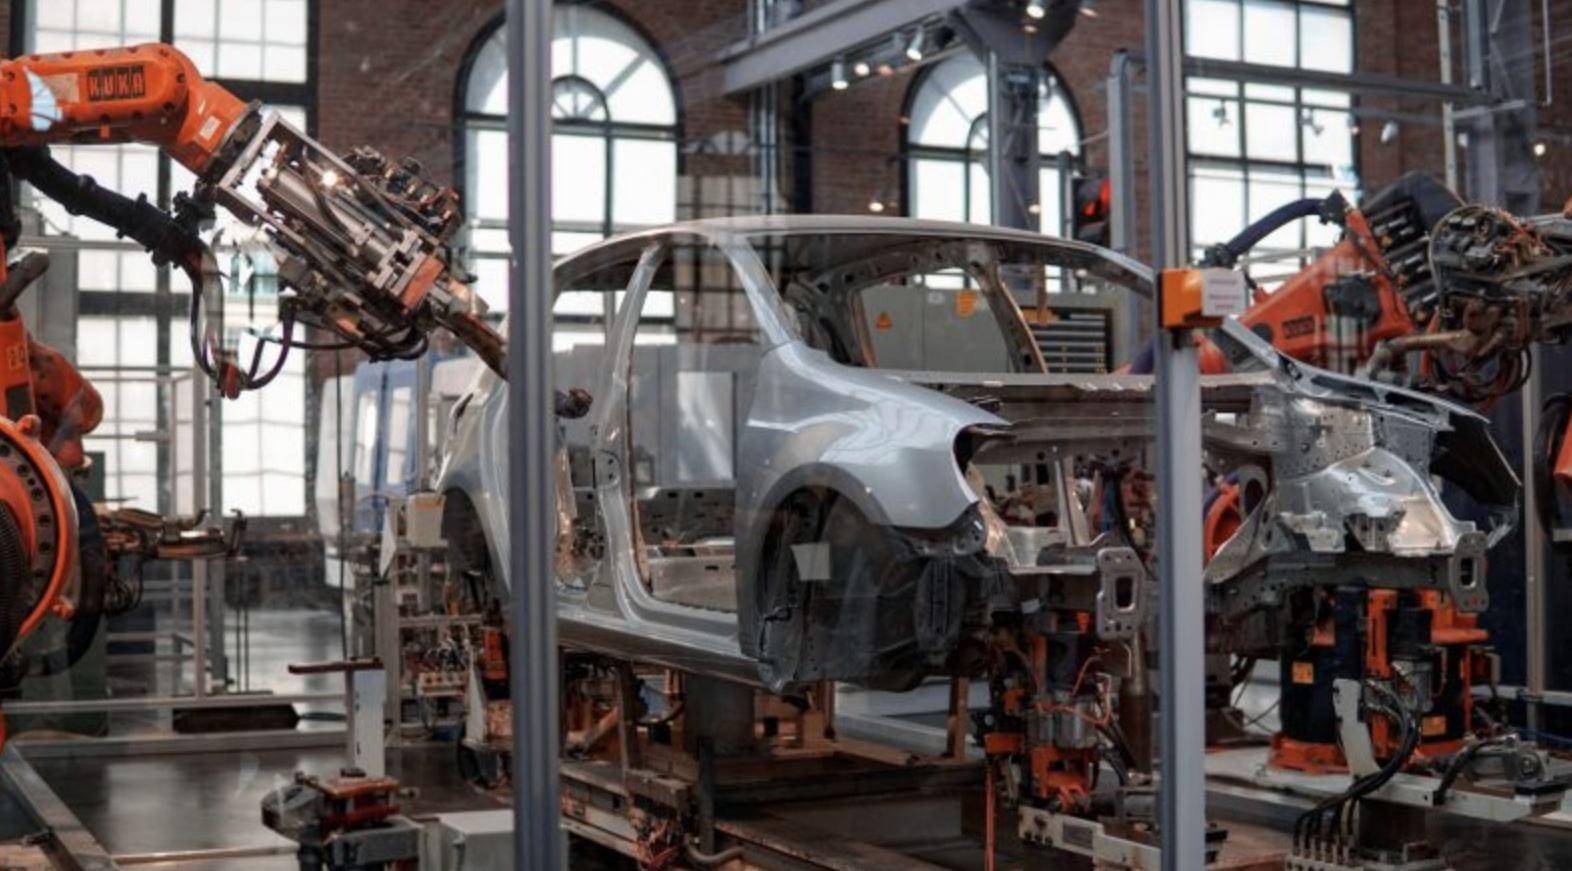 Il crollo dell'automotive in UK: ad aprile numeri simili a quelli della seconda guerra mondiale